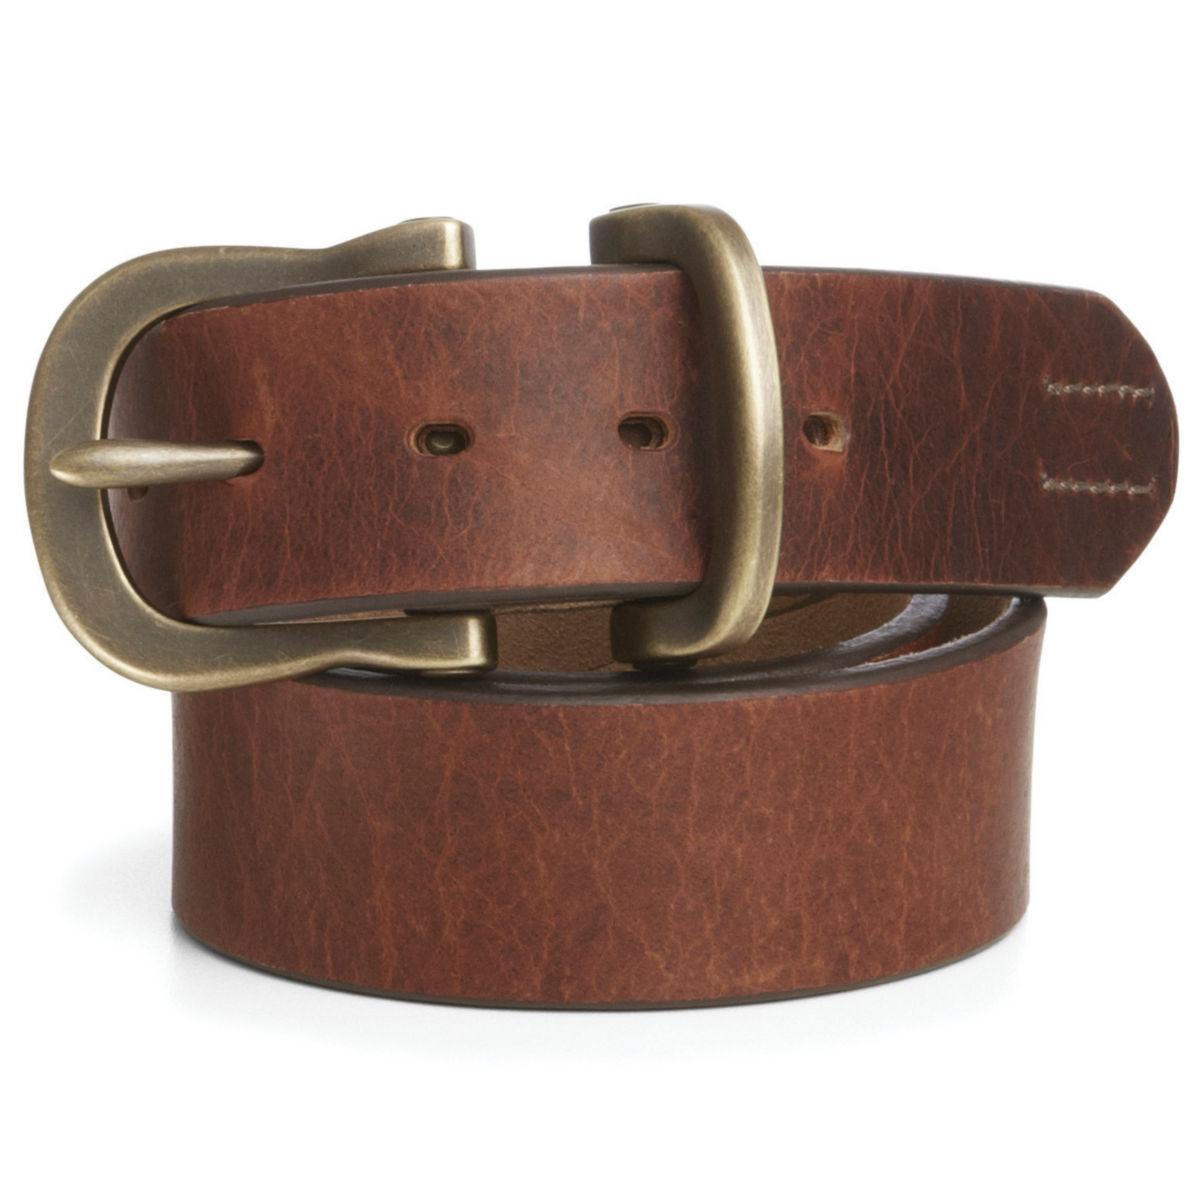 Saddle-Leather Jeans Belt - BROWNimage number 0